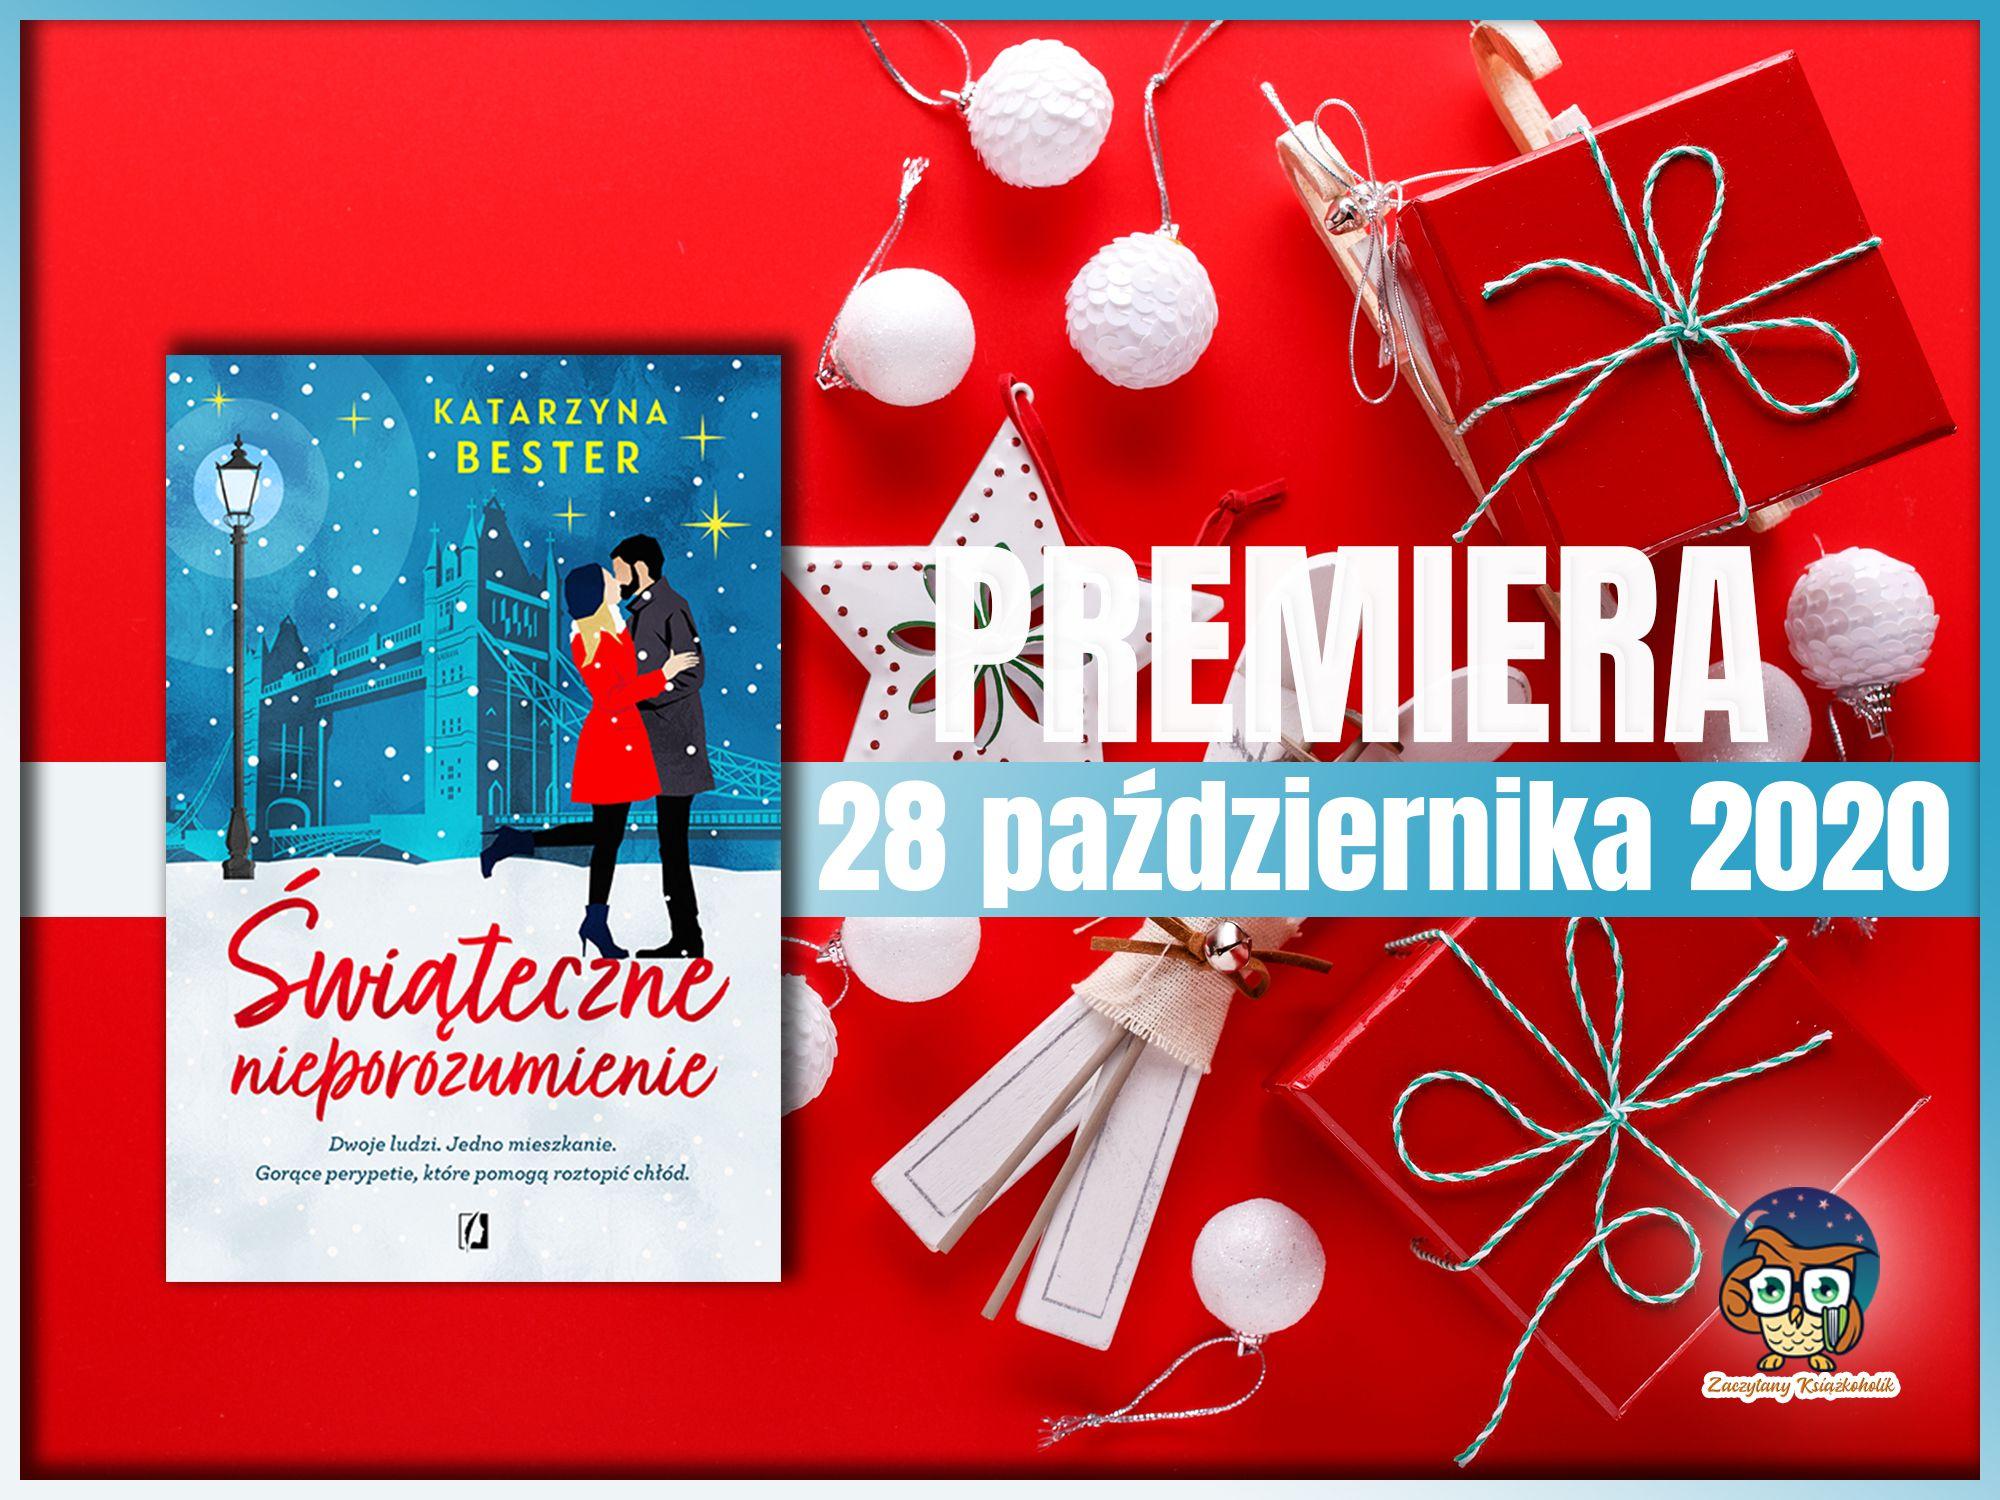 Świąteczne nieporozumienie, Katarzyna Bester, zaczytanyksiazkoholik.pl